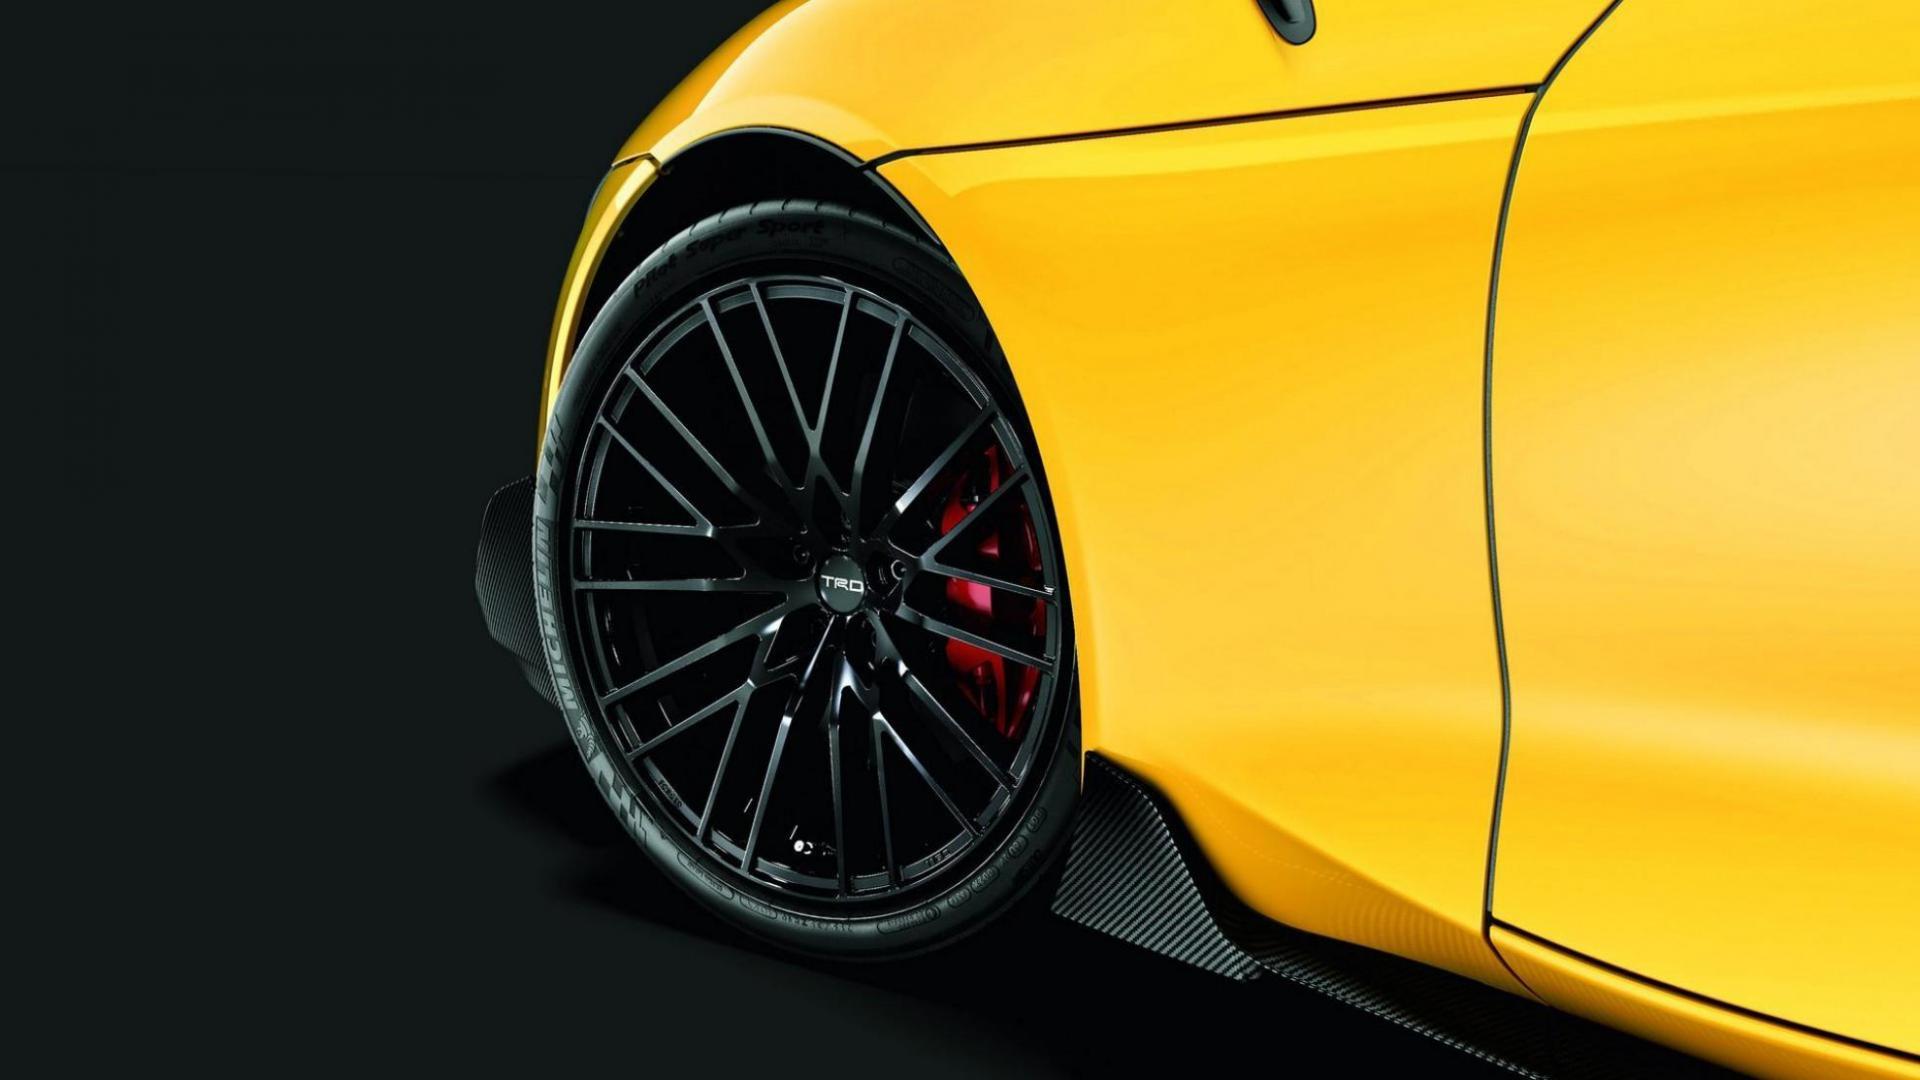 Toyota Supra TRD-onderdelen velgen